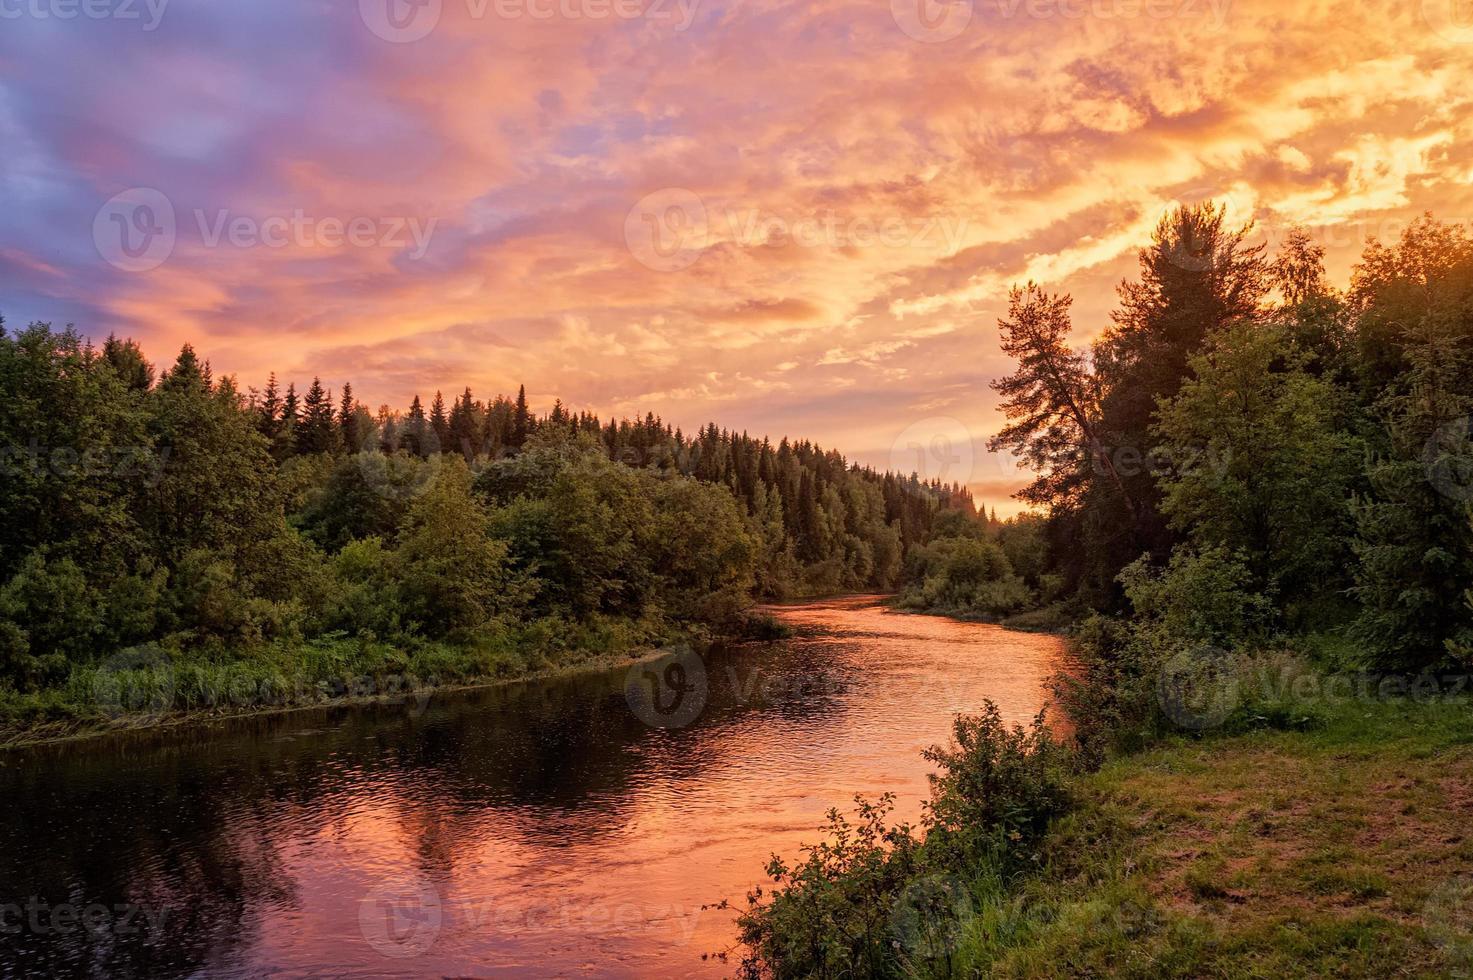 coucher de soleil spectaculaire lumineux sur la rivière avec forêt le long de la rivière photo